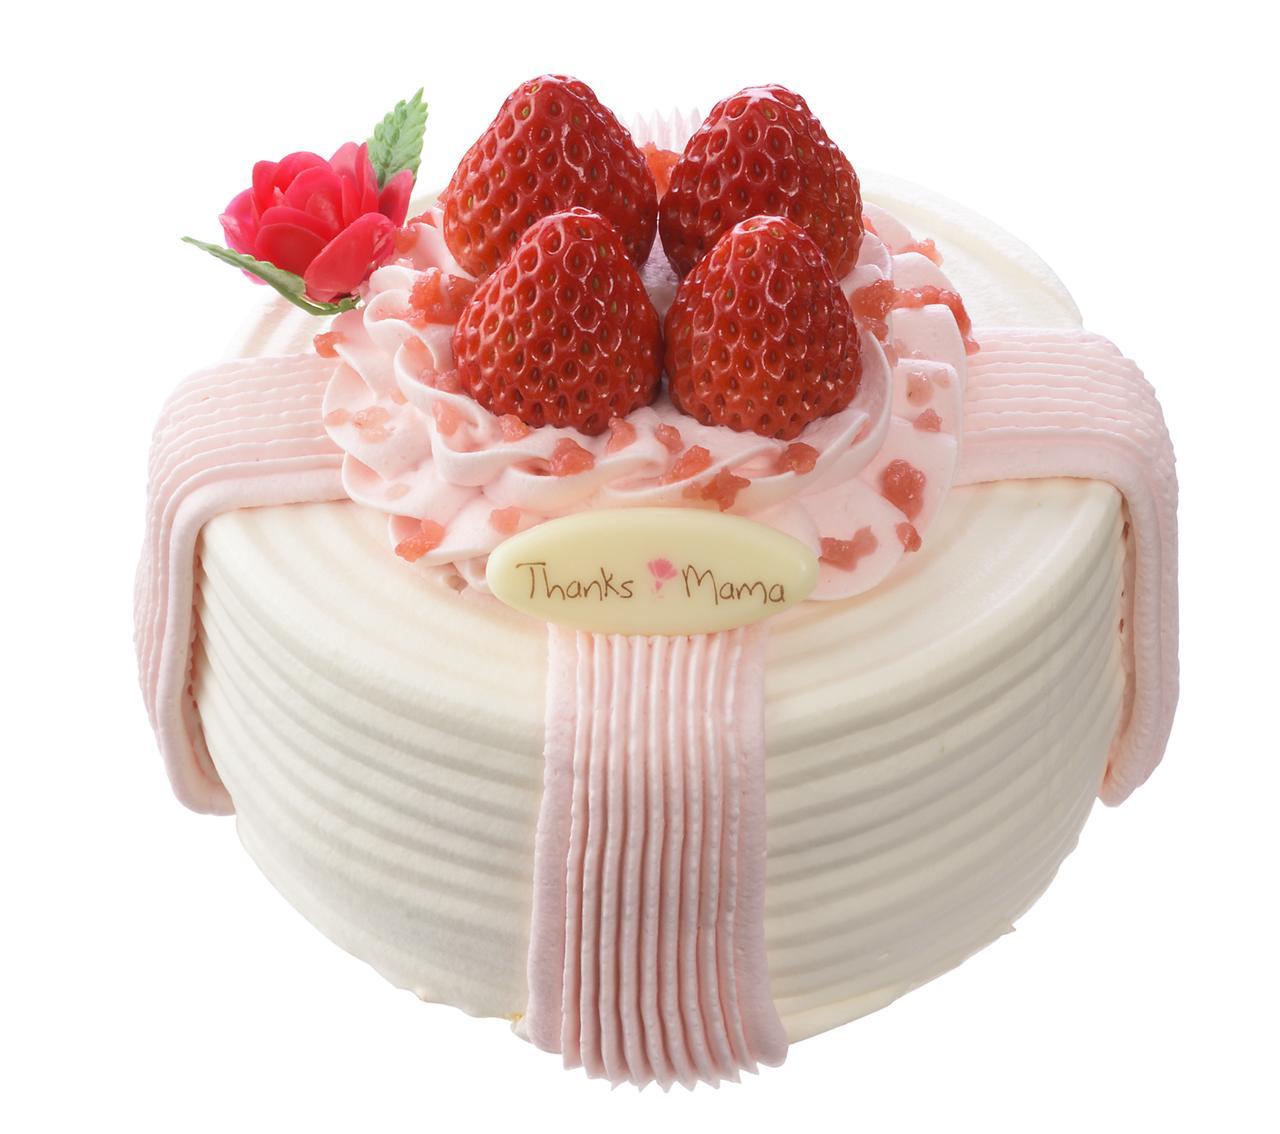 画像: 価 格: <直径12cm、3~4人分>¥2,200(税込¥2,376) 販売期間: 2017年5月12日(金)~14日(日) 特 長: ふんわりスポンジを苺&苺クリームのリボンで飾りました。黄桃とクリーム、苺クリームをサンドした、プレゼントボックスをイメージしたデコレーションケーキ。バラの花ピック付き。